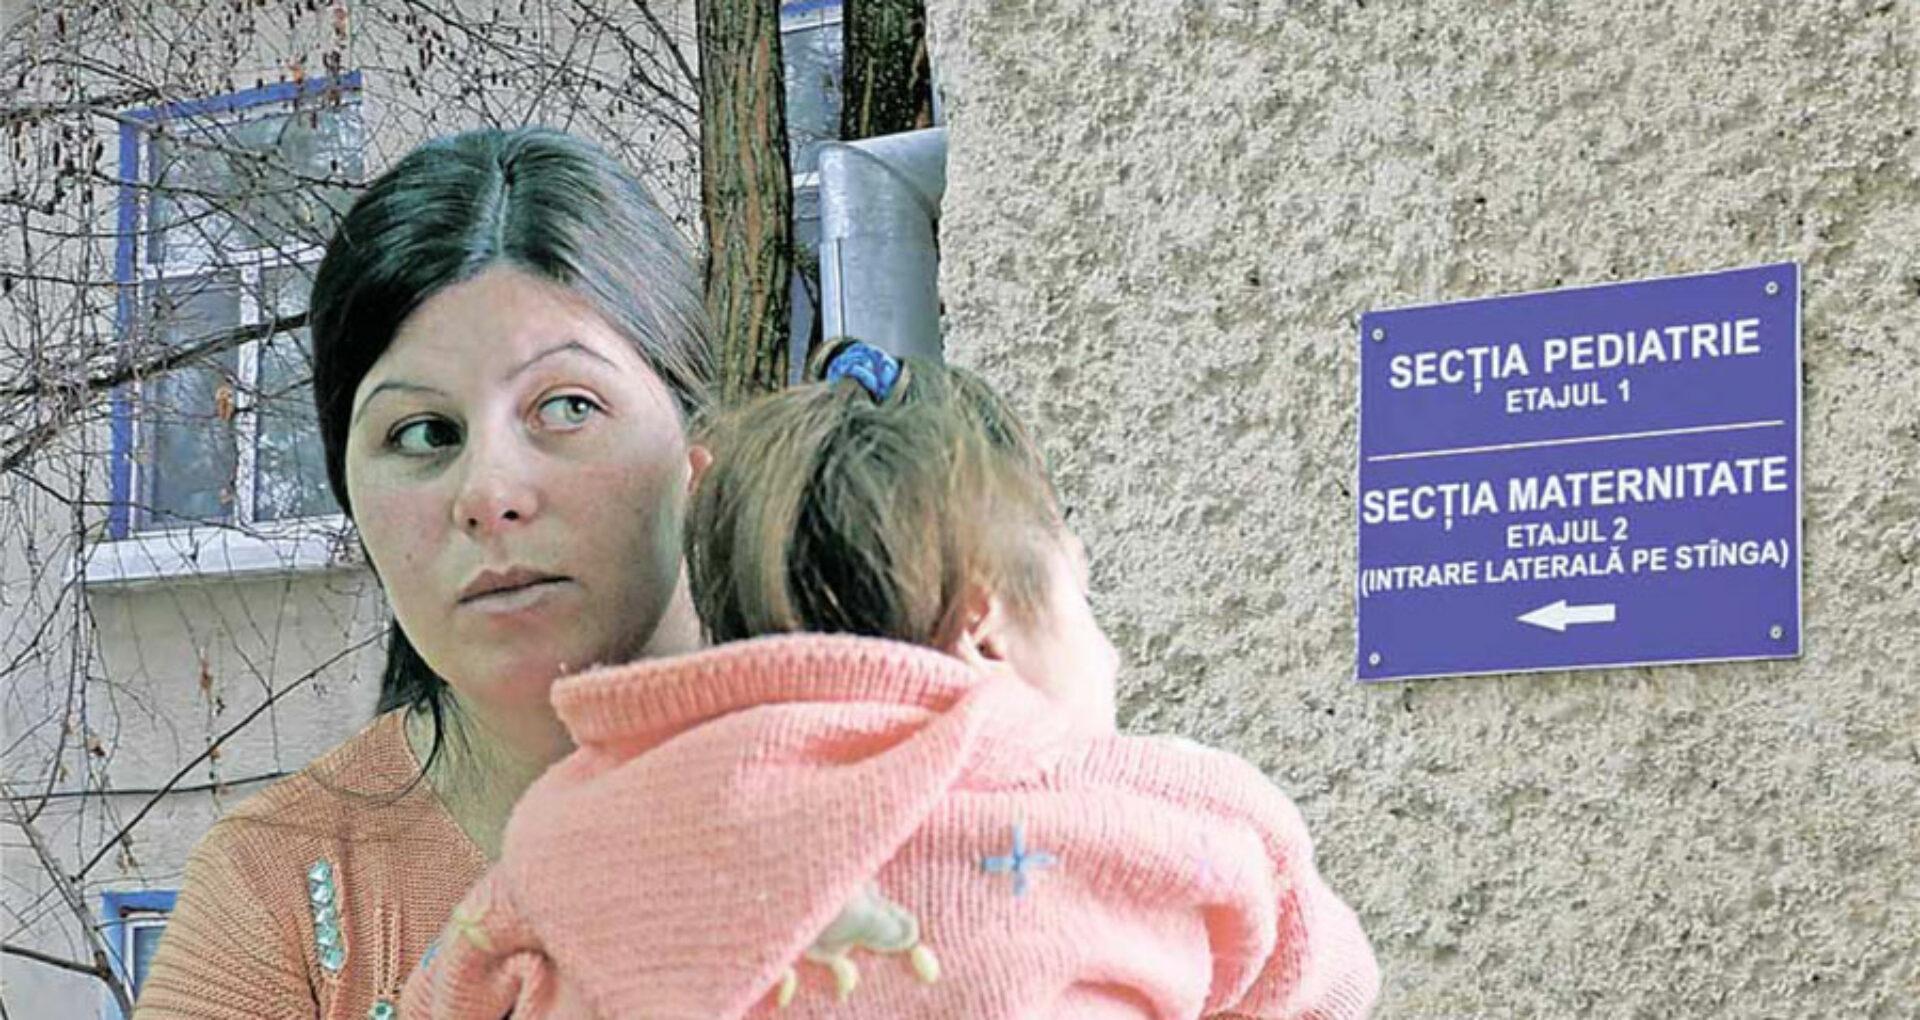 Maternitatea penală din Ialoveni: nou-născuţi invalizi în serie